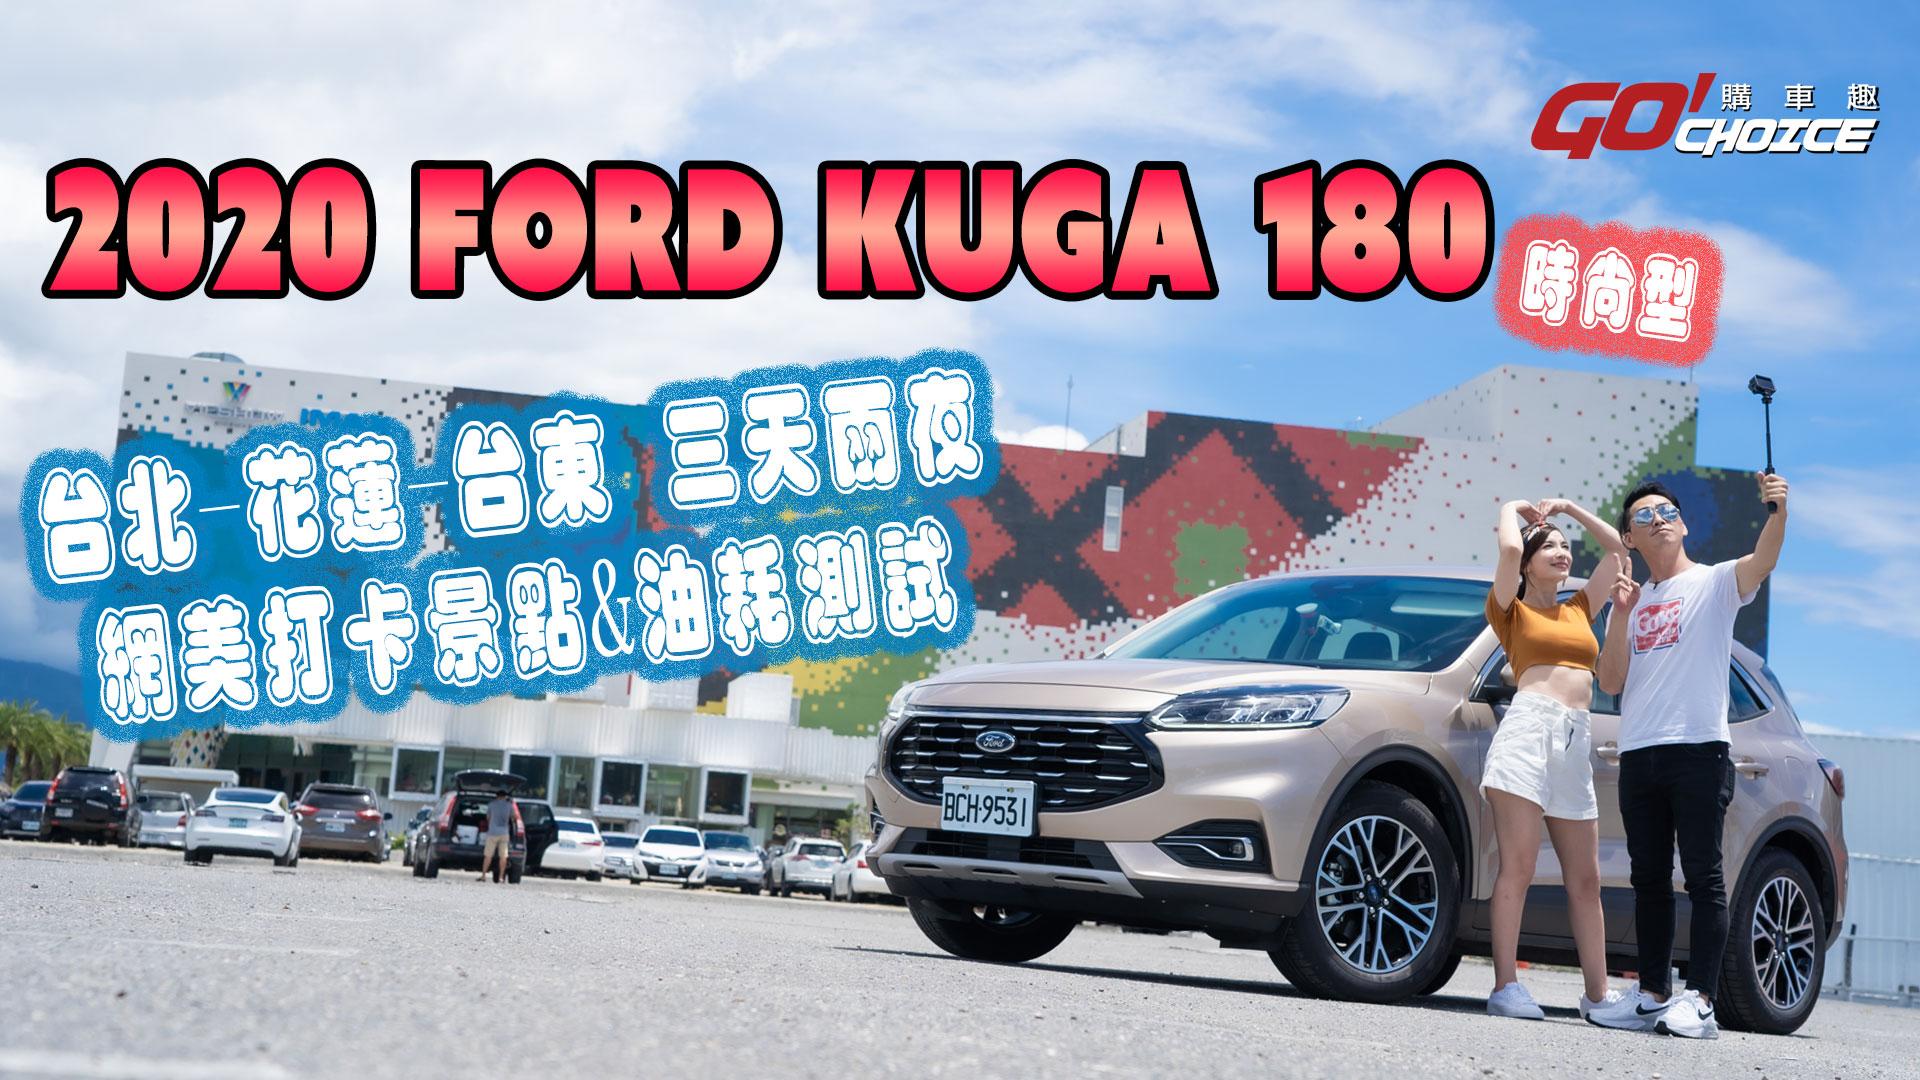 [試駕影片]福特Ford KUGA 180時尚型!台北-花蓮-台東油耗測試&網美打卡景點